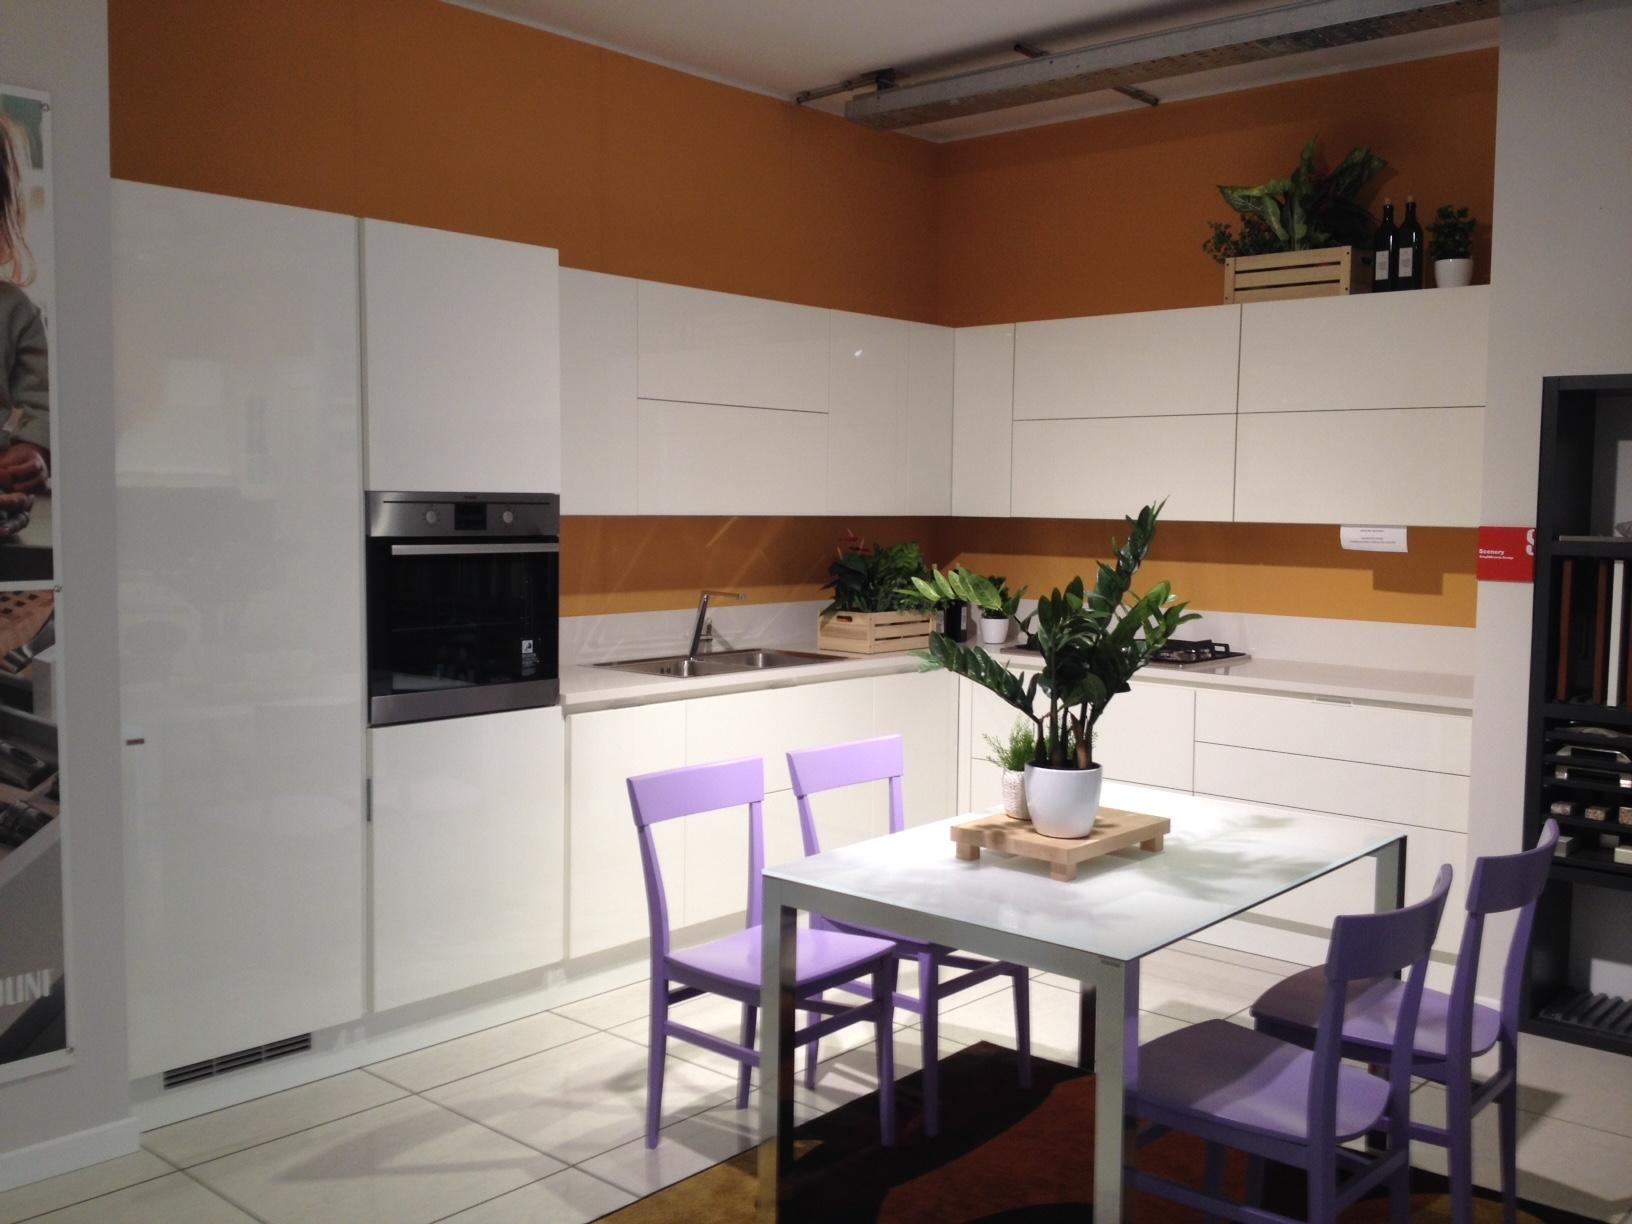 Scavolini Cucina Scenery Laccato Lucido - Cucine a prezzi scontati